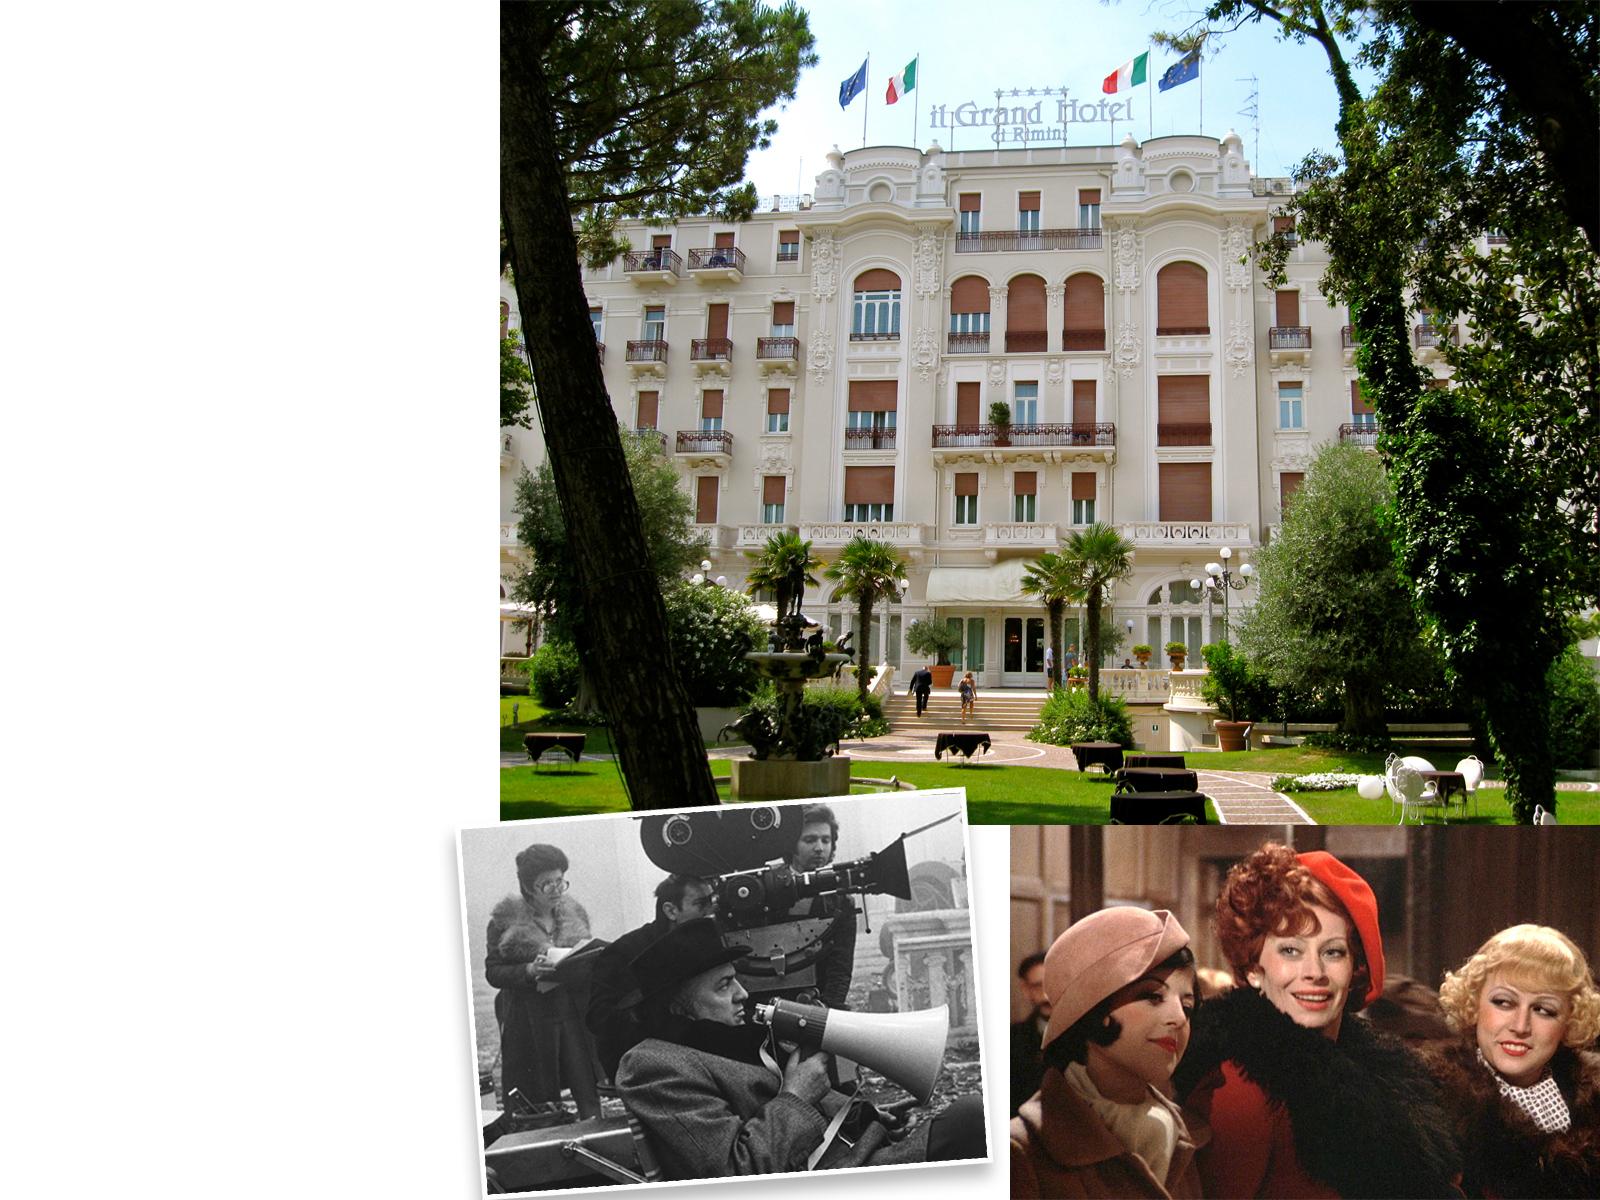 Grand Hotel, Римини: u00abАмаркордu00bb, режиссер Федерико ФеллиниКогда Феллини был еще совсем мальчишкой, он обожал заглядывать в ворота отеля и мечтать о dolce vita. Взрослым он стал почетным гостем роскошного отеля и провел там чуть ли не большую часть своей жизни.